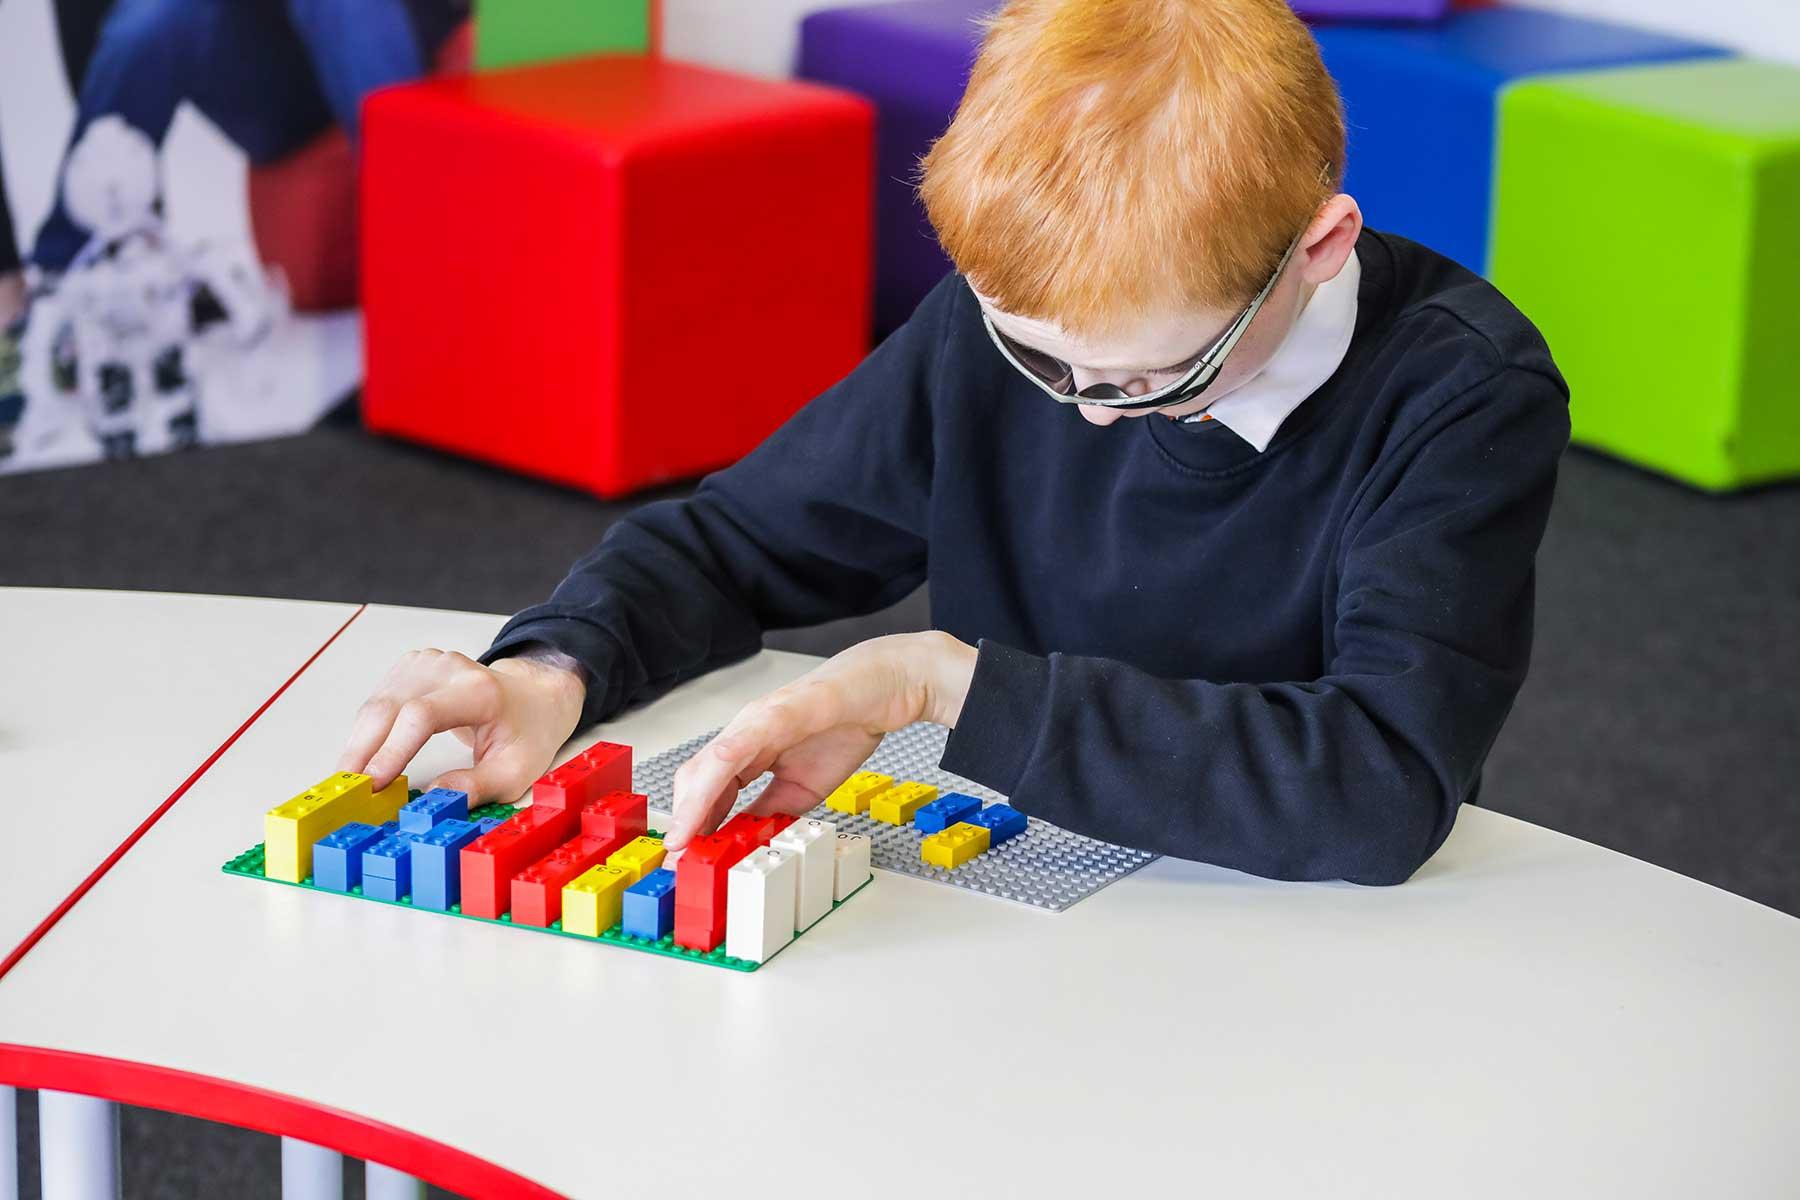 LEGO-Steine mit Blindenschrift LEGO-braille-bricks-sets-blindenschrift_04